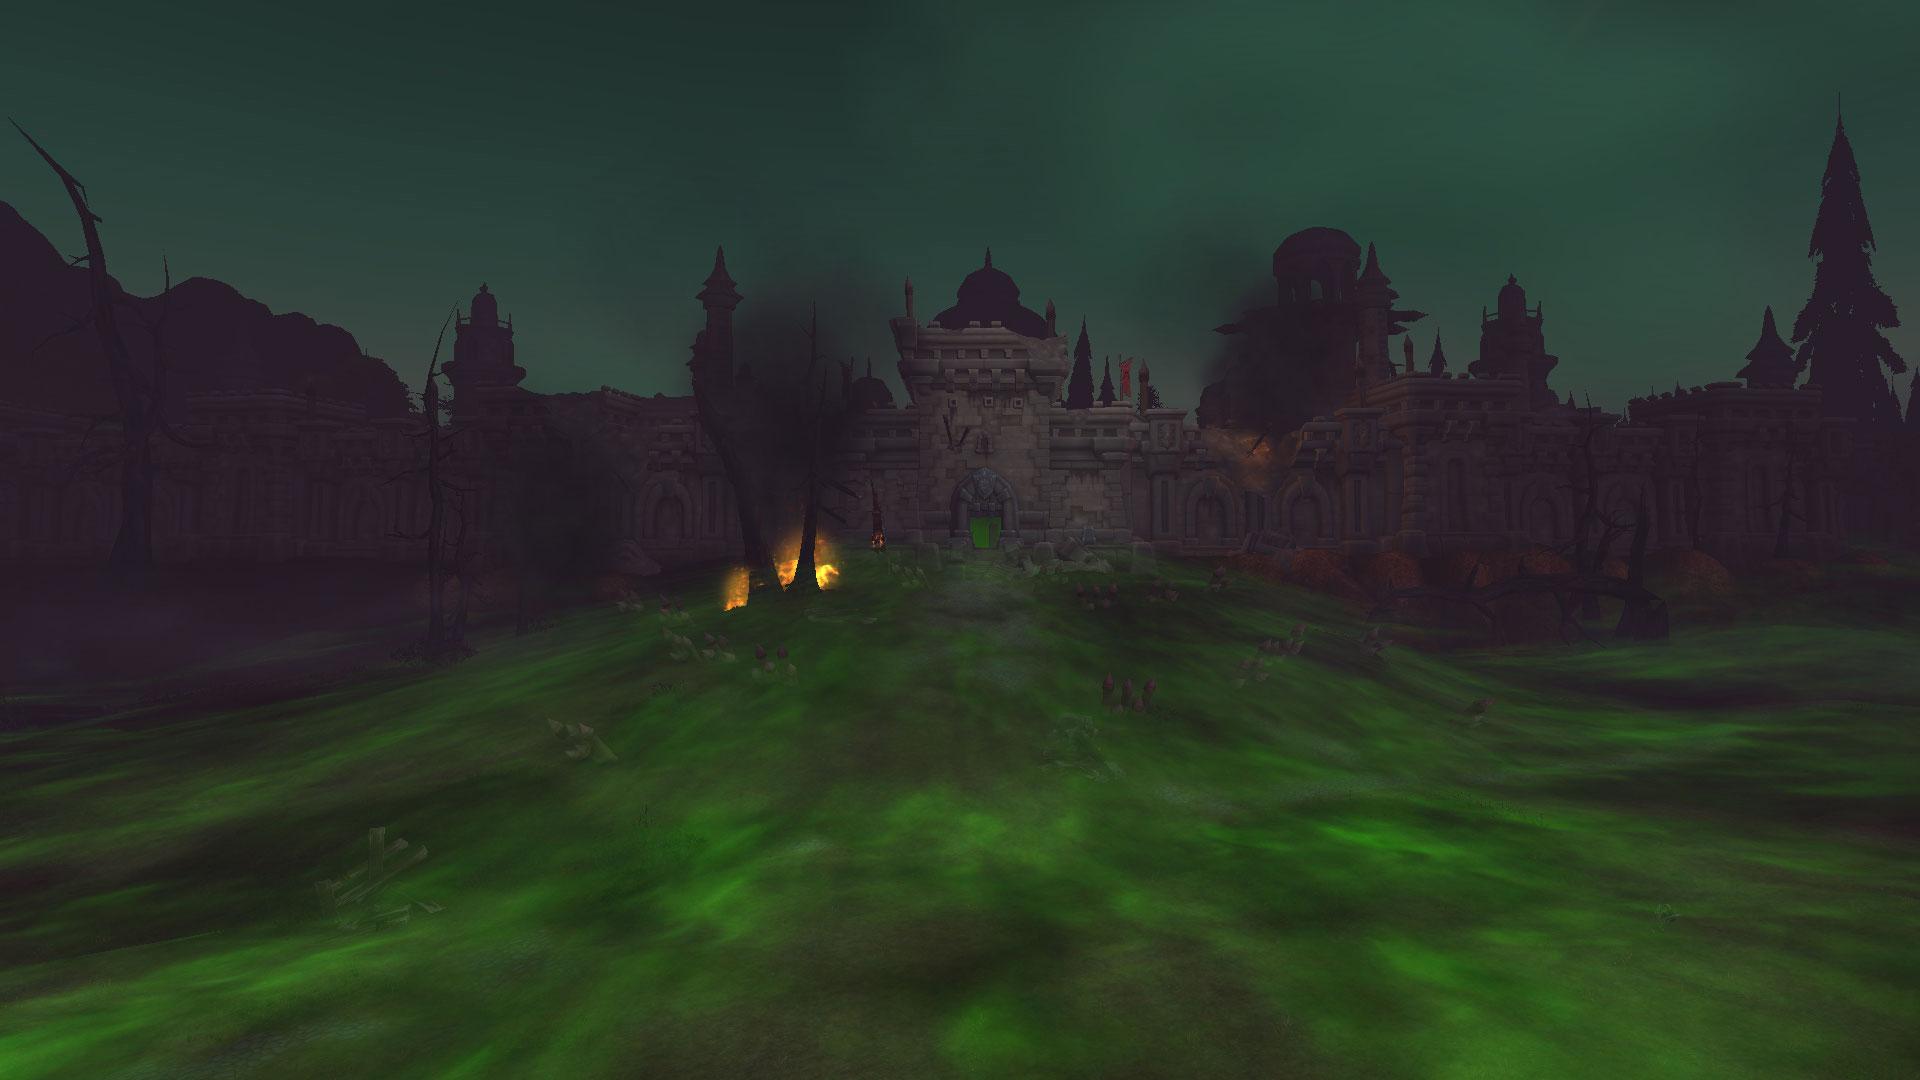 Une partie des clairières de Tirisfal est métamorphosée après la bataille de Lordaeron